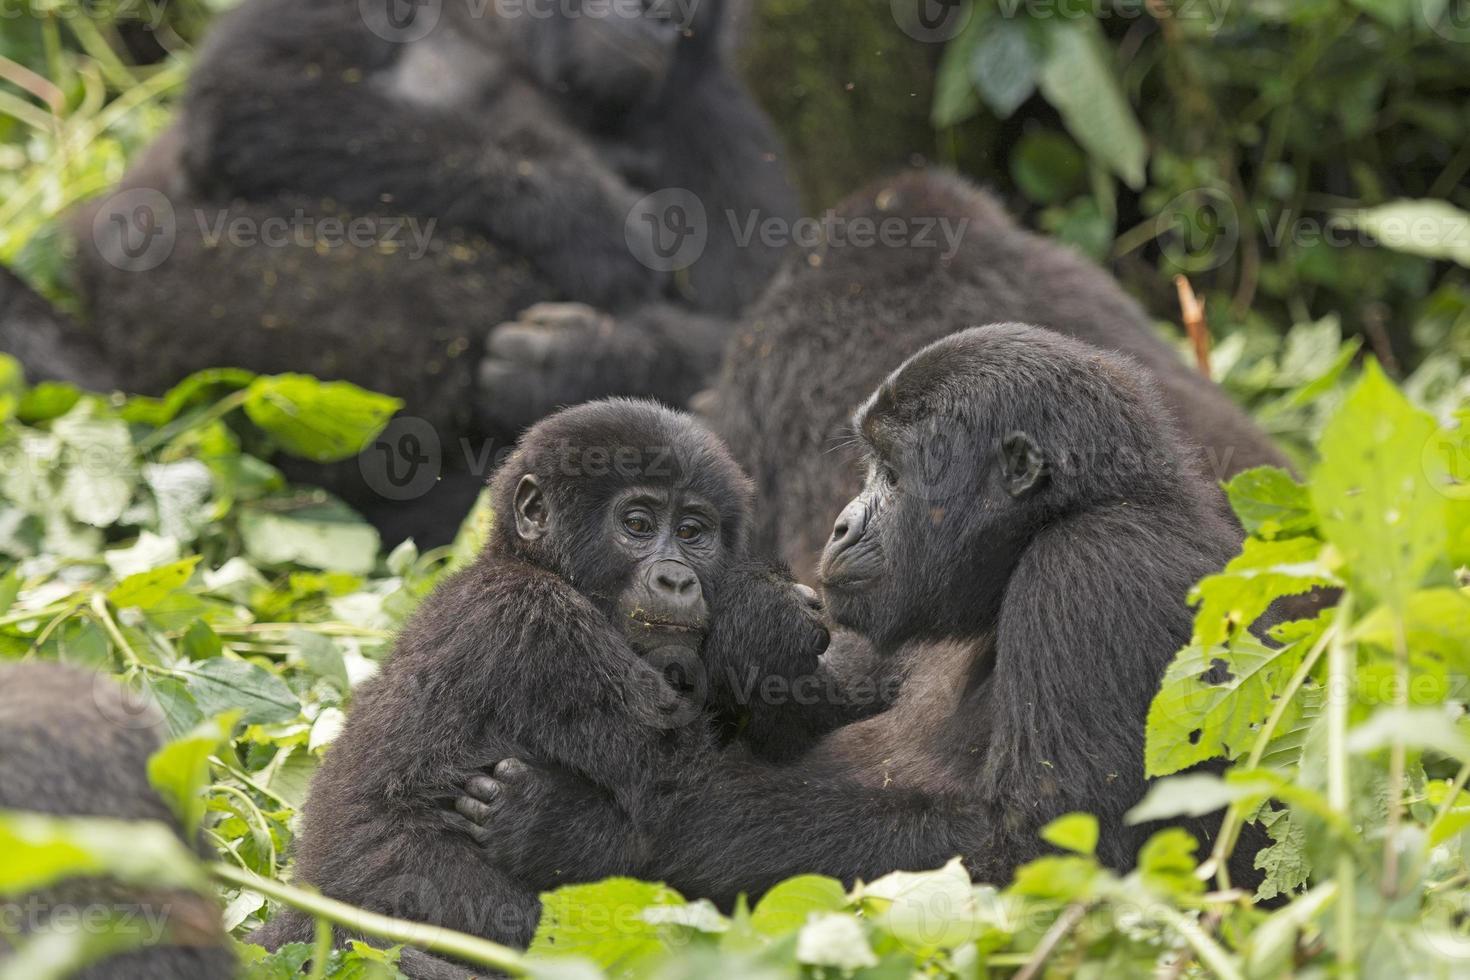 Mutter und Kind Gorilla im Wald foto